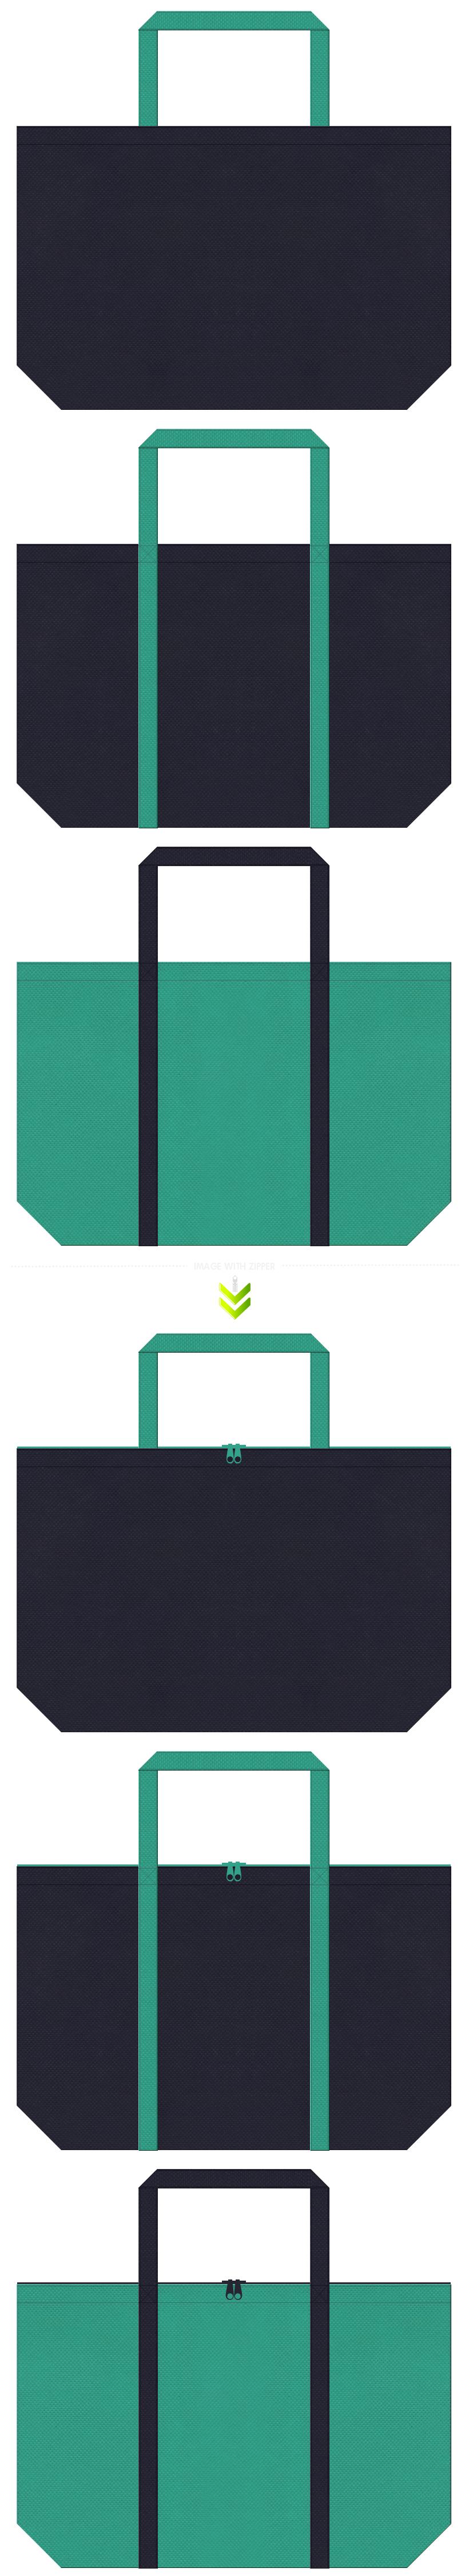 濃紺色と青緑色の不織布エコバッグのデザイン。ランドリーバッグにお奨めの配色です。